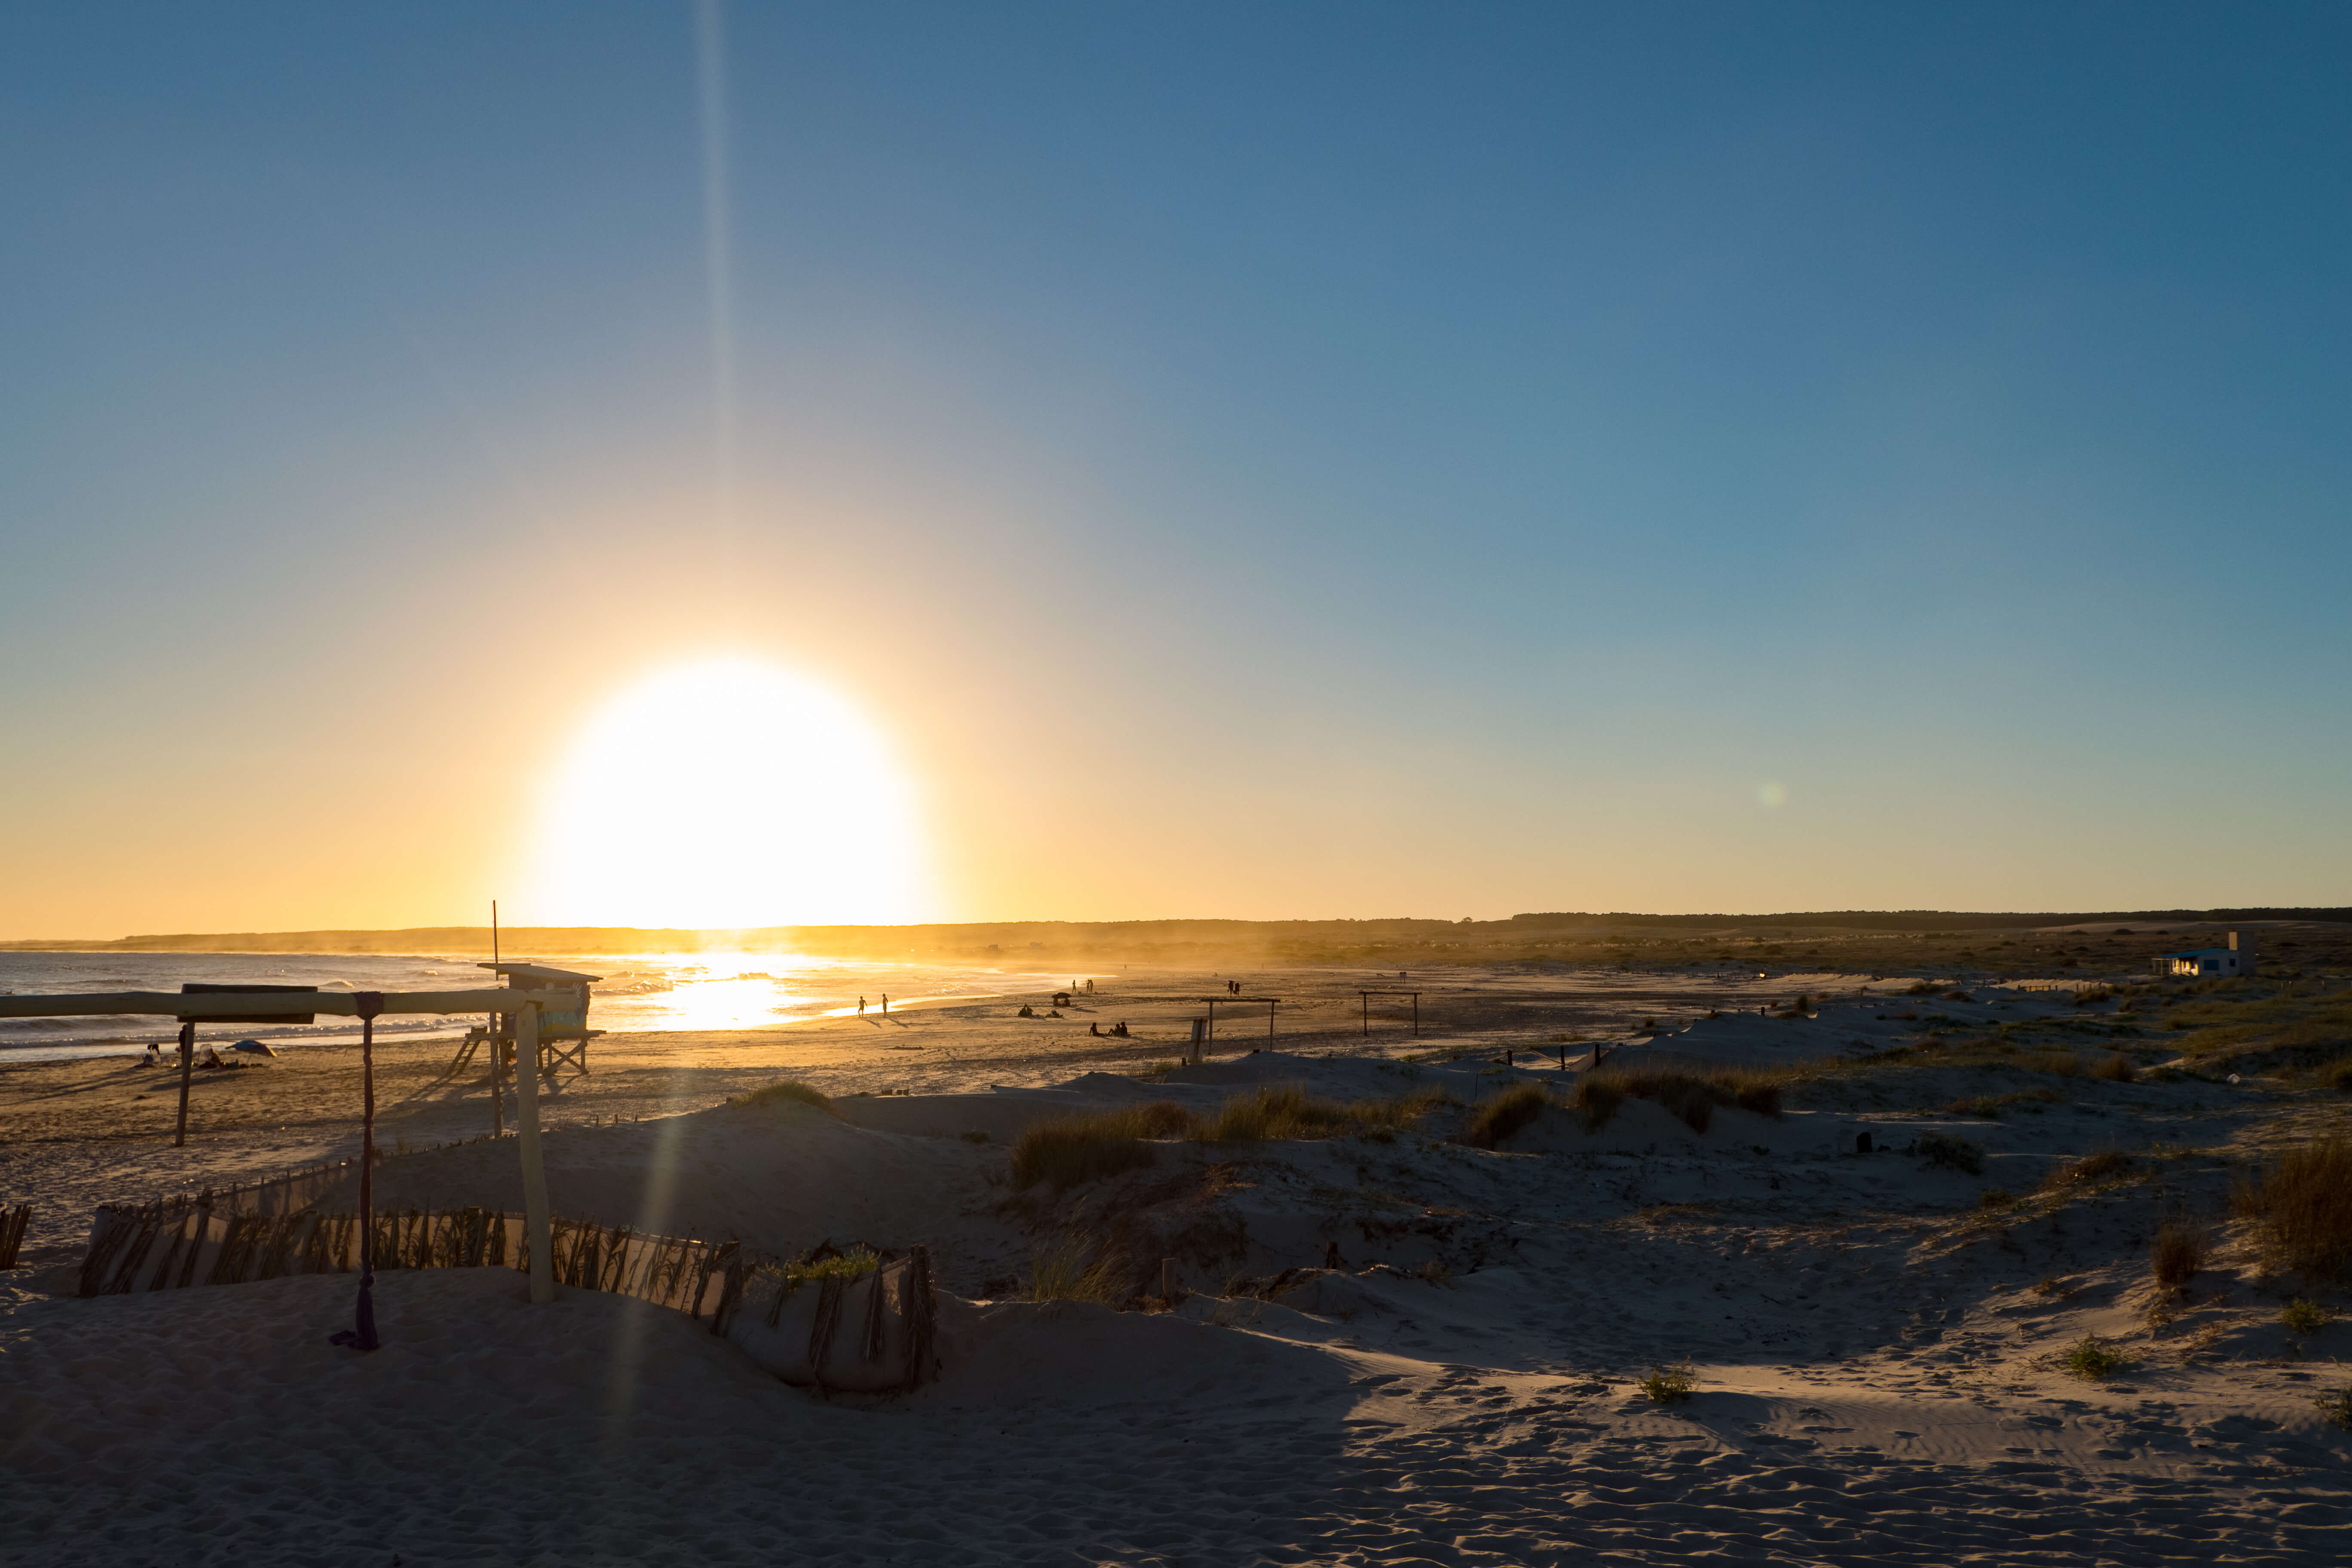 Sonnenuntergang in Cabo Polonio